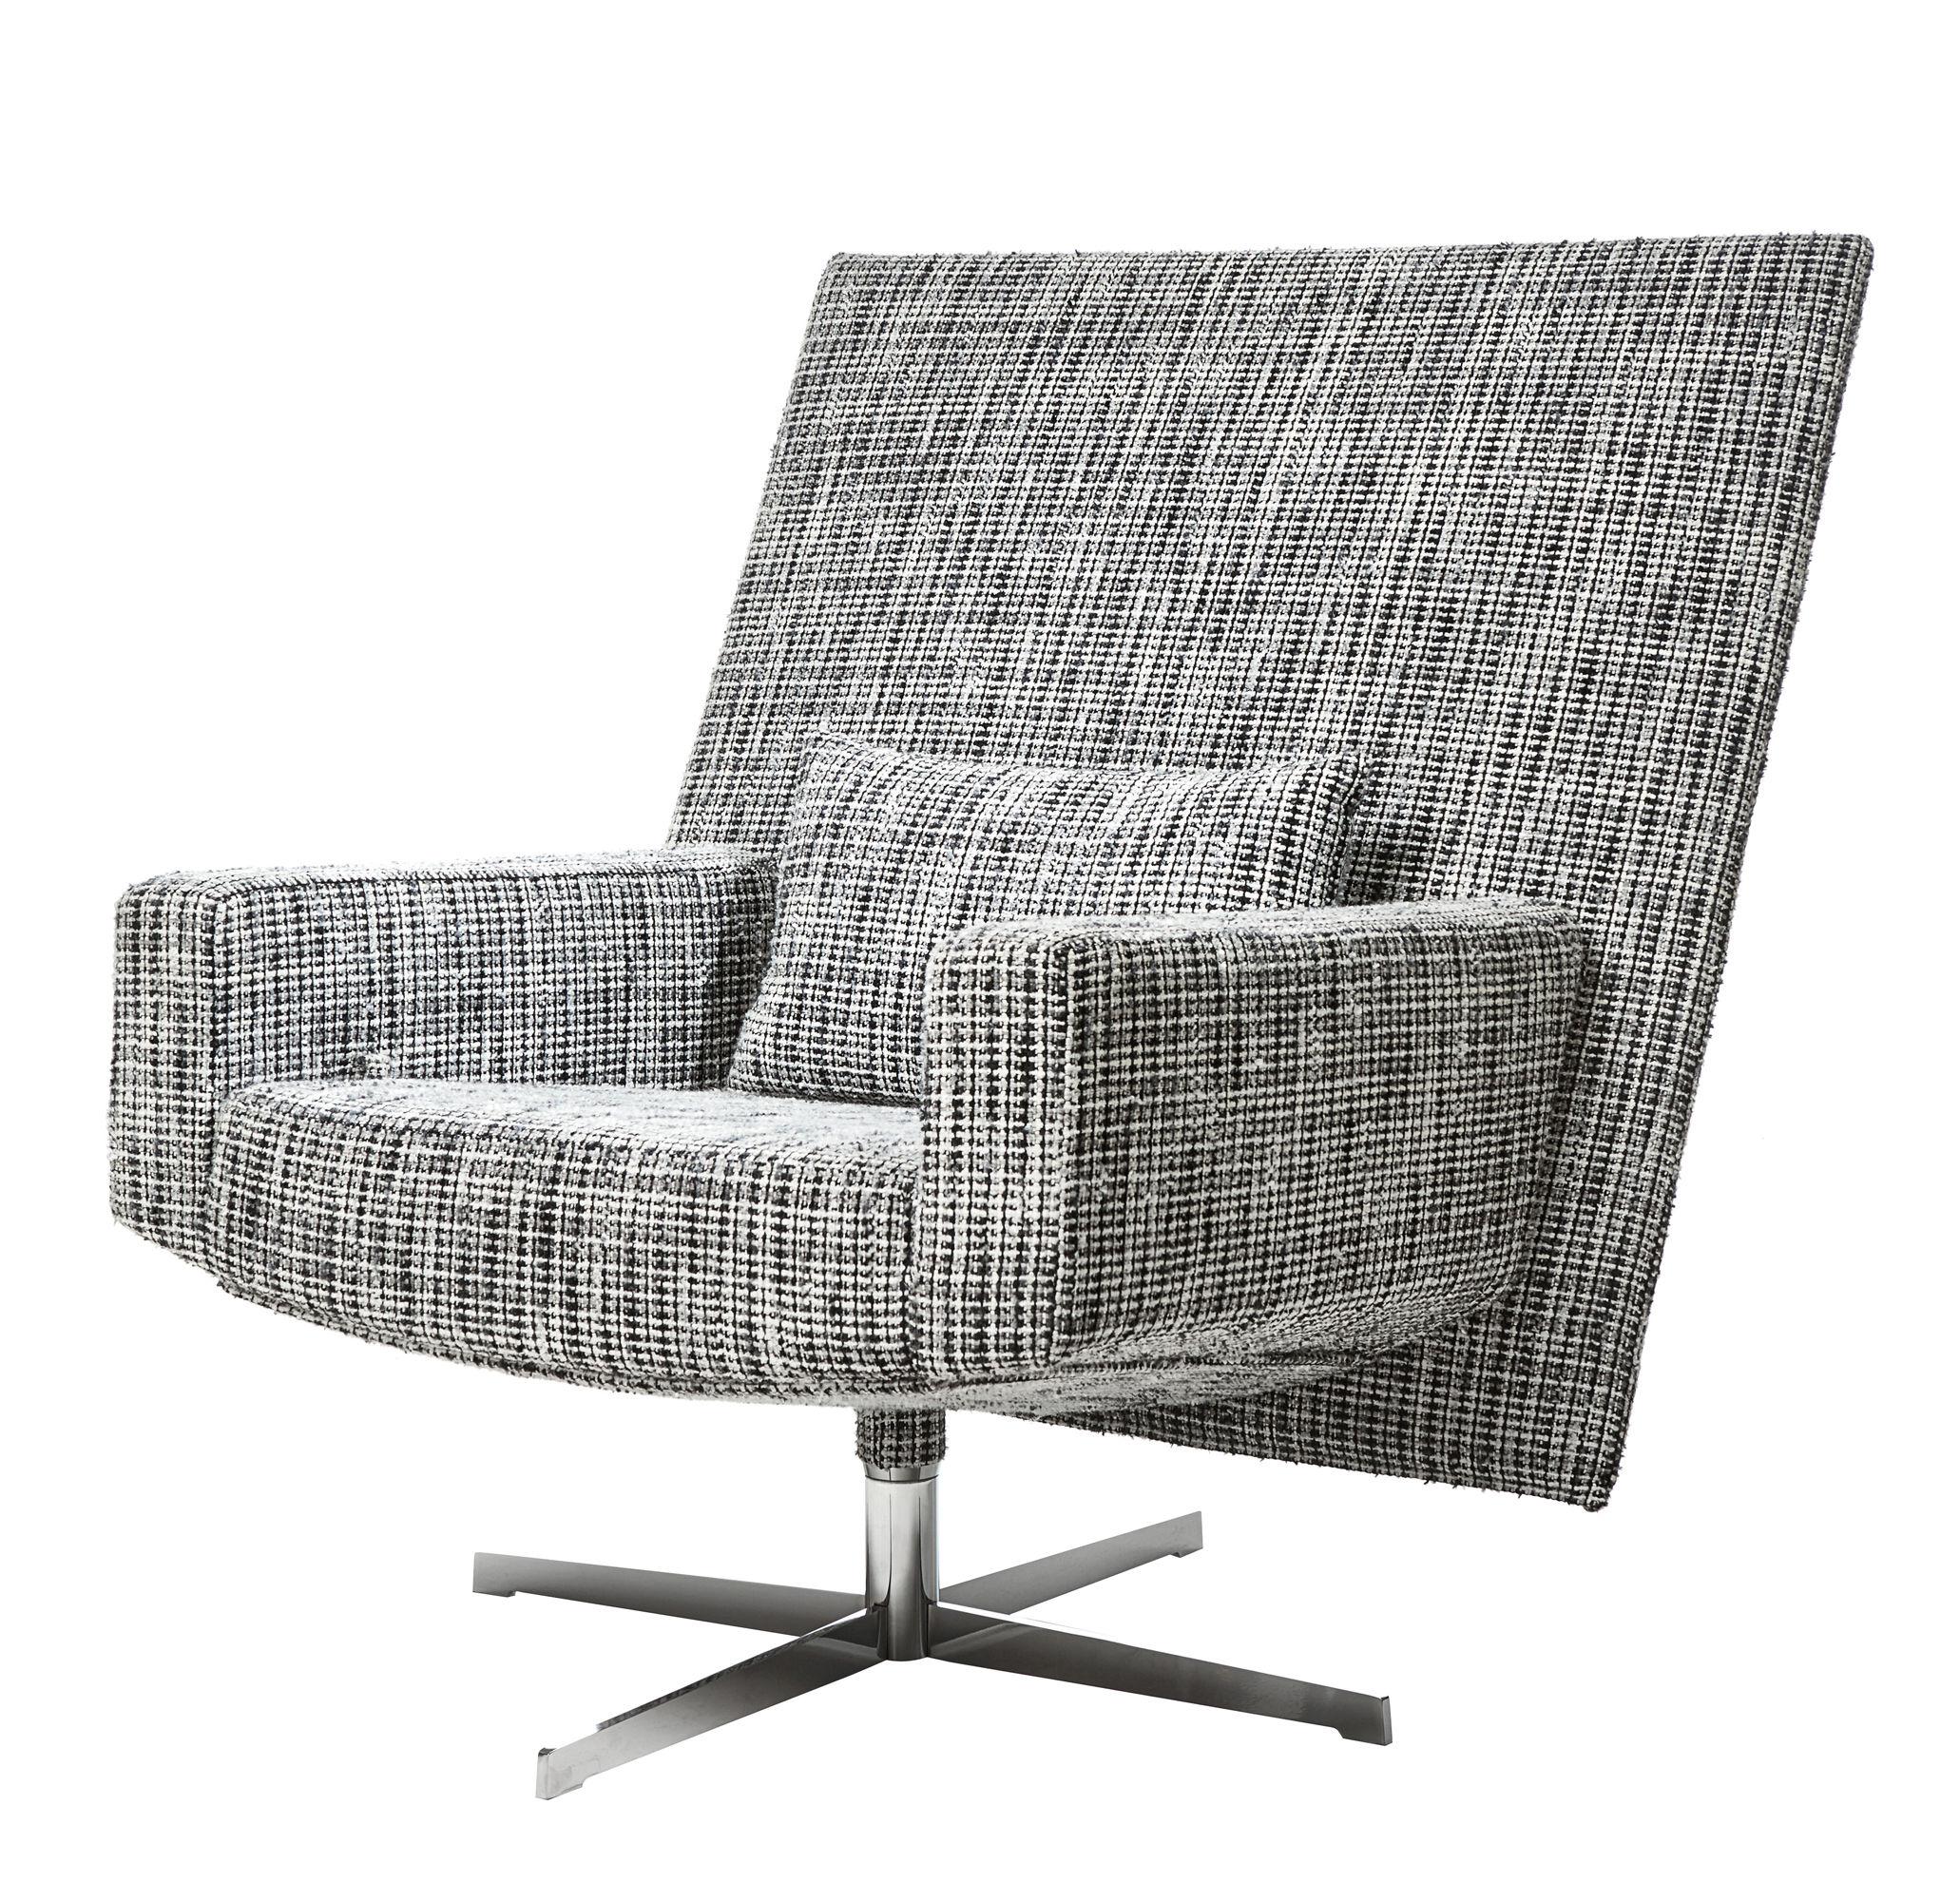 Mobilier - Fauteuils - Fauteuil pivotant Jackson Chair / Tissu bouclé - Moooi - Tissu / Noir & blanc - Acier poli, Mousse, Tissu bouclé